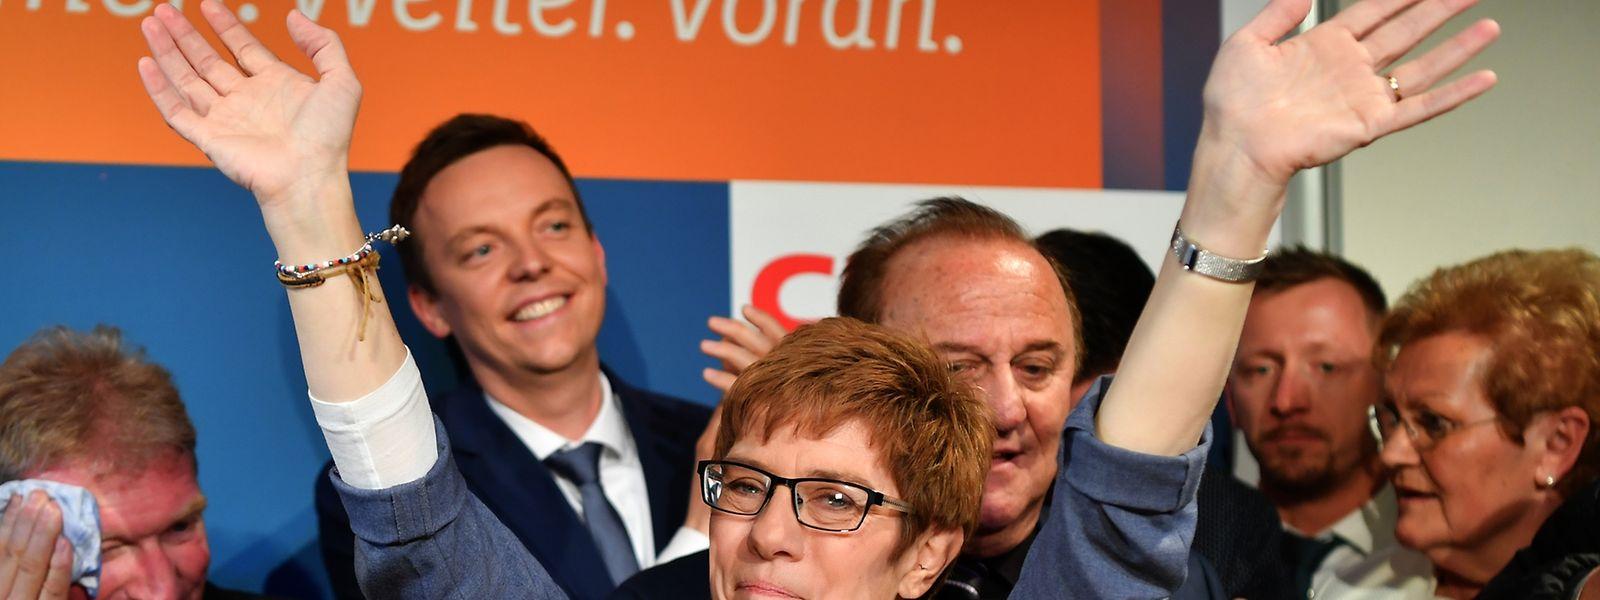 Ministerpräsidentin Annegret Kramp-Karrenbauer (CDU, M) jubelt sichtlich gerührt auf der CDU-Wahlparty am 26. März 2017 in Saarbrücken nach der Landtagswahl.